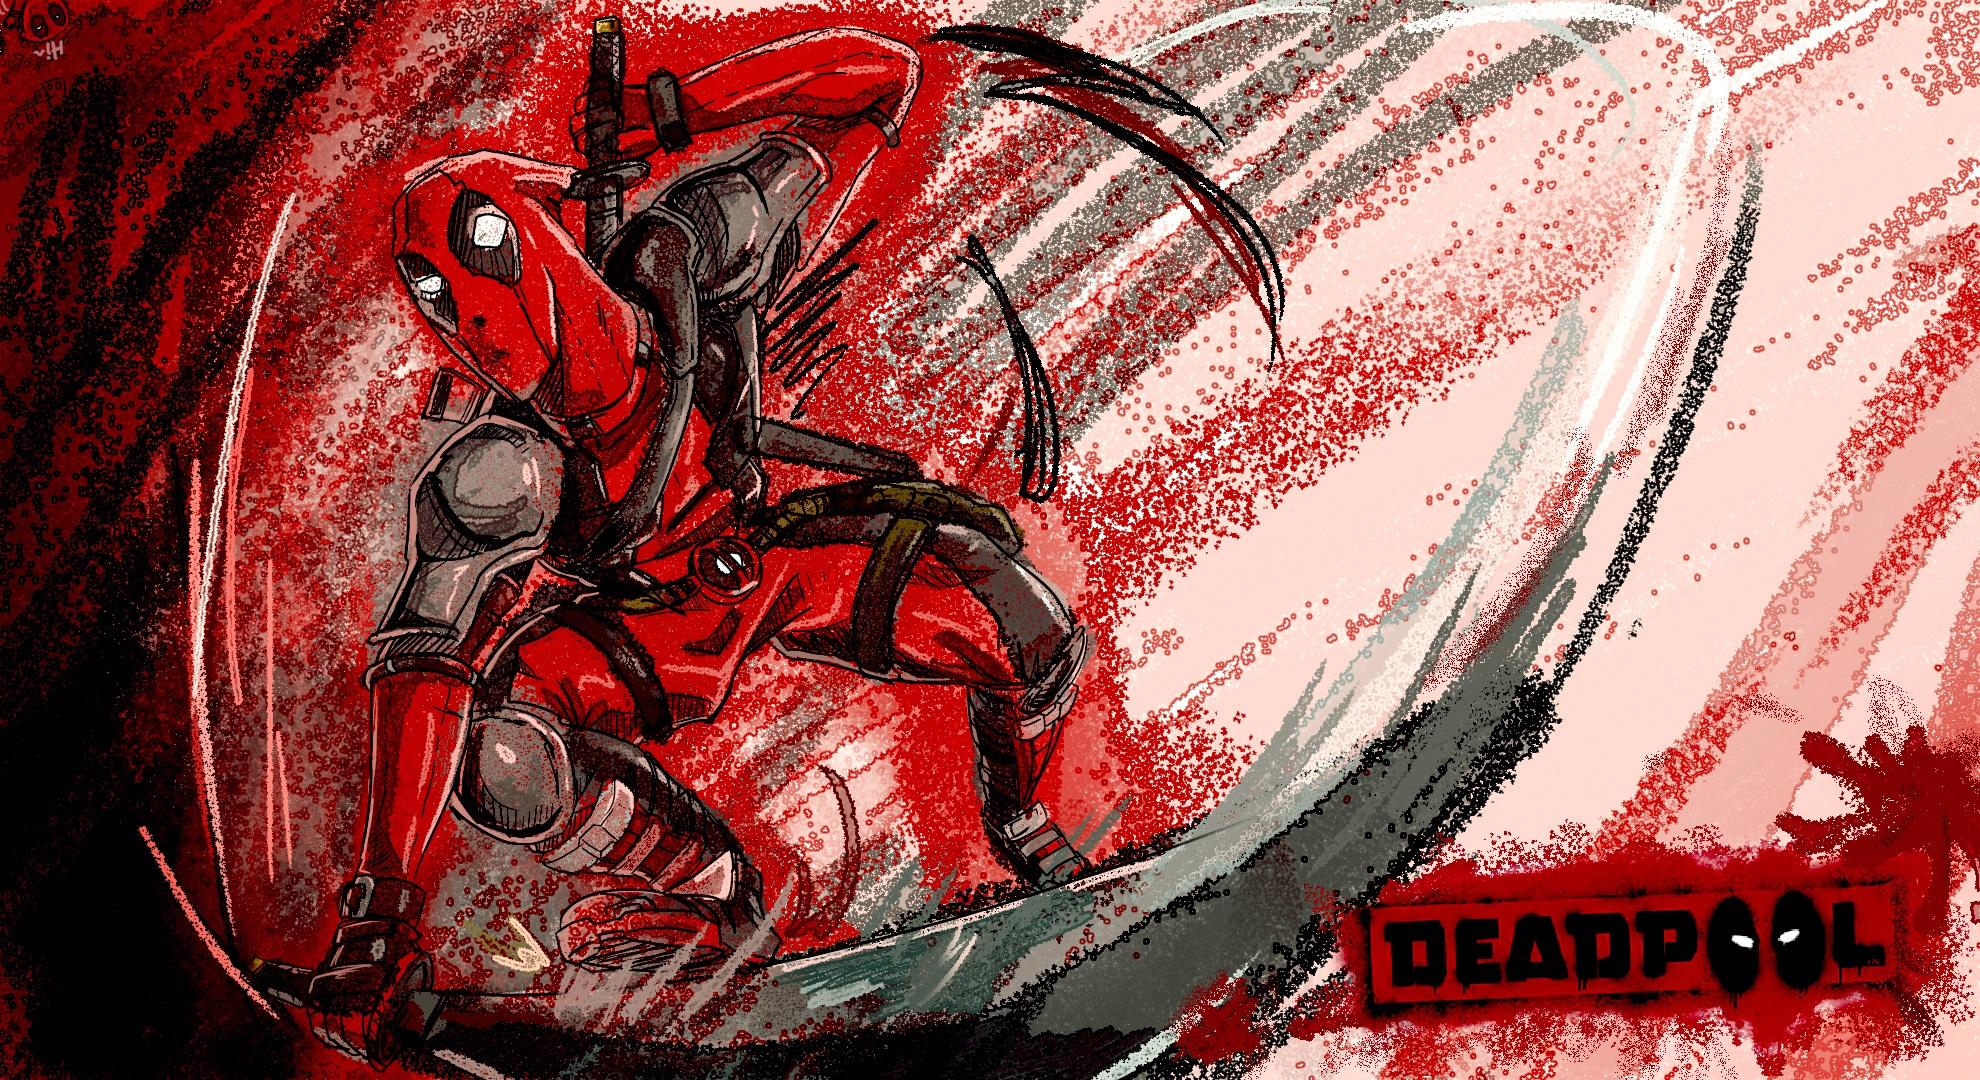 Comics Deadpool 1980x1080